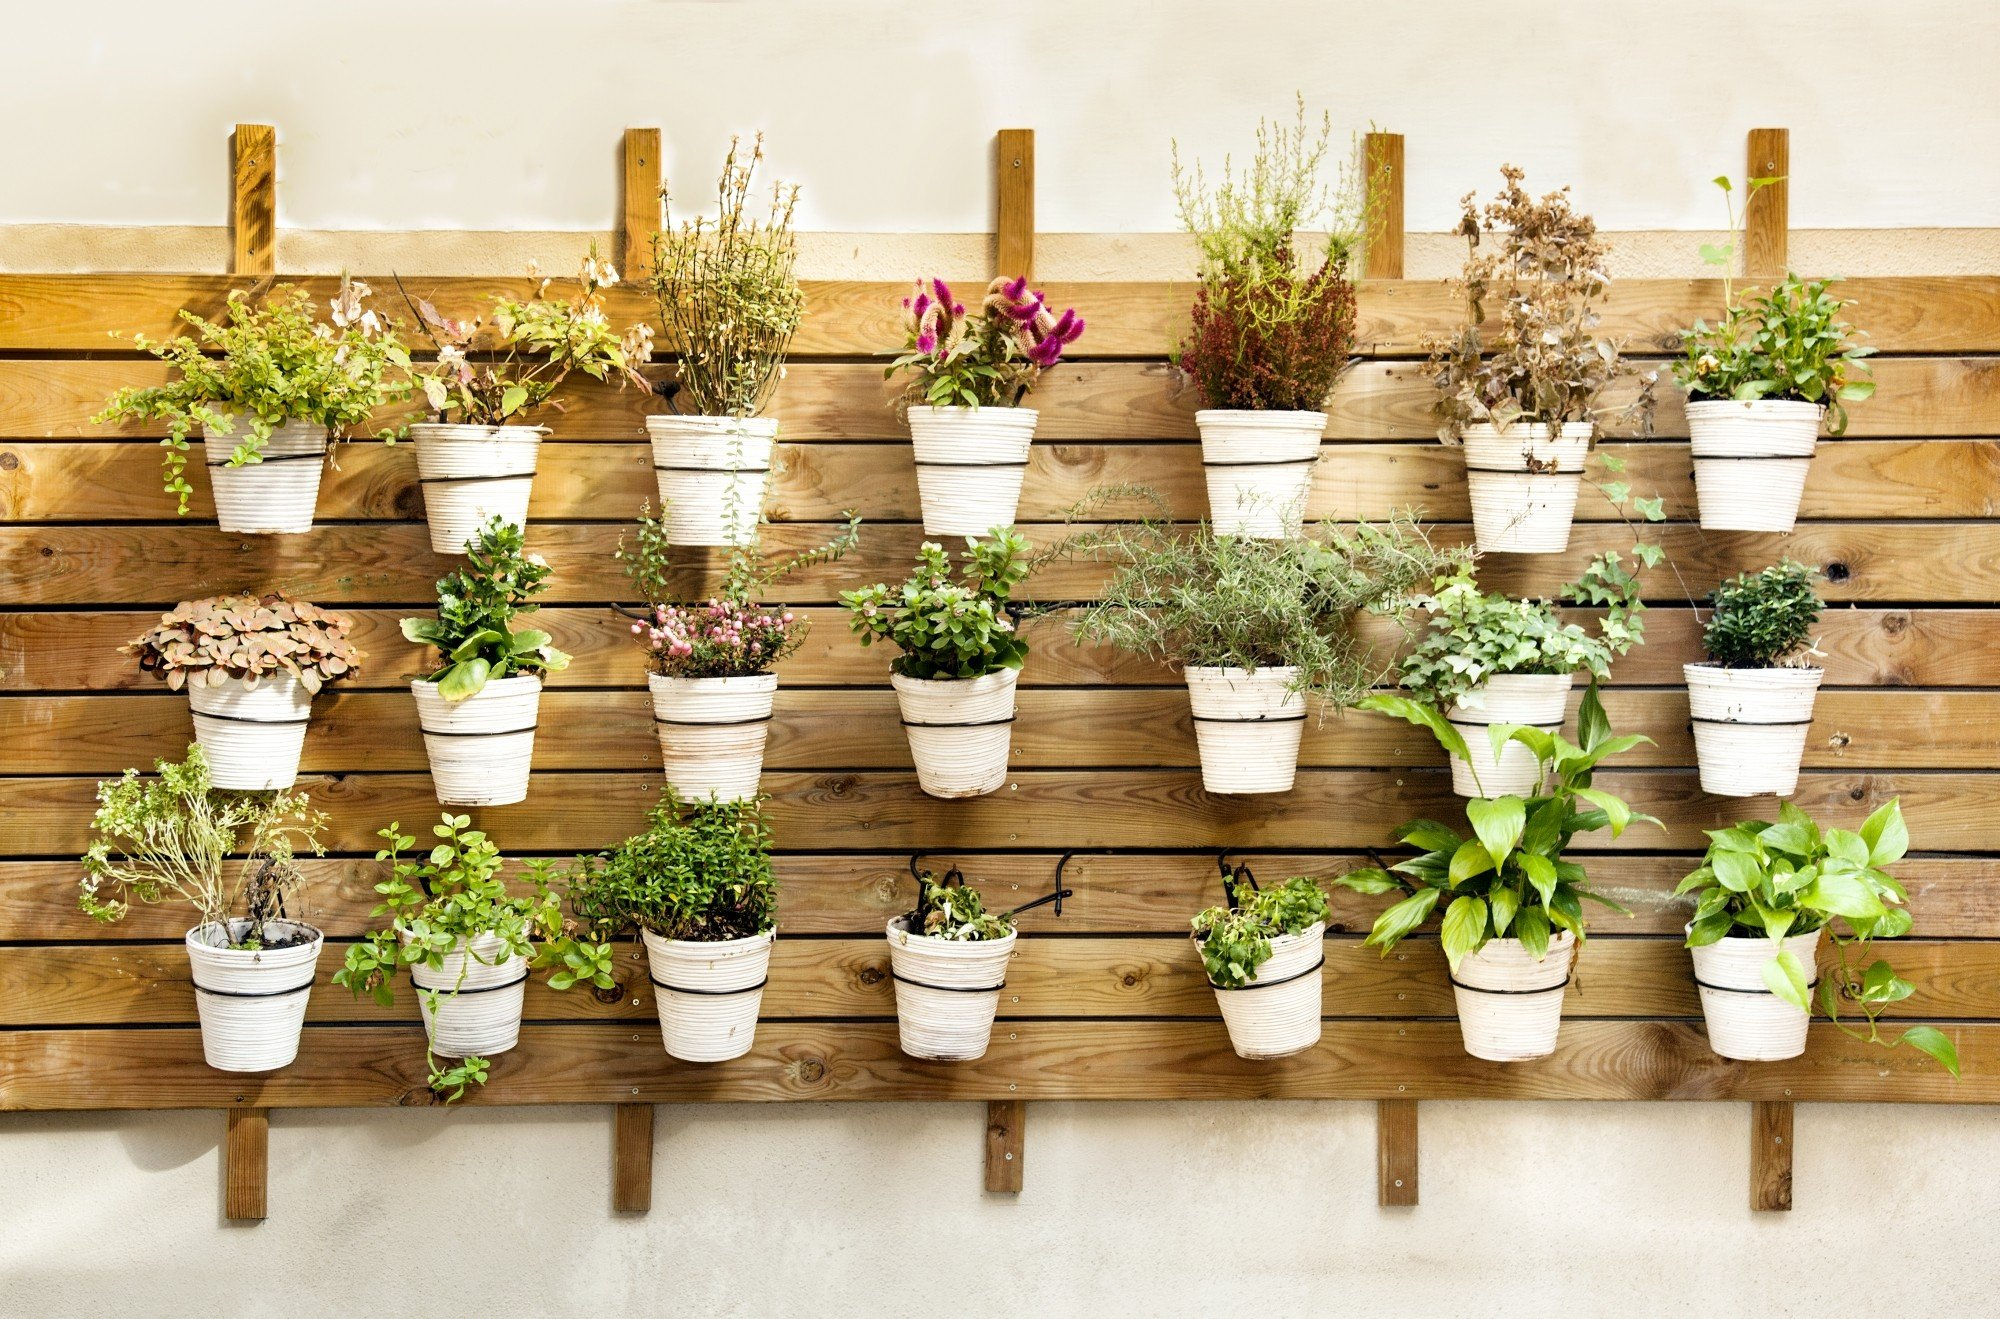 Plantes Aromatiques Sur Terrasse comment conserver ses plantes aromatiques ?